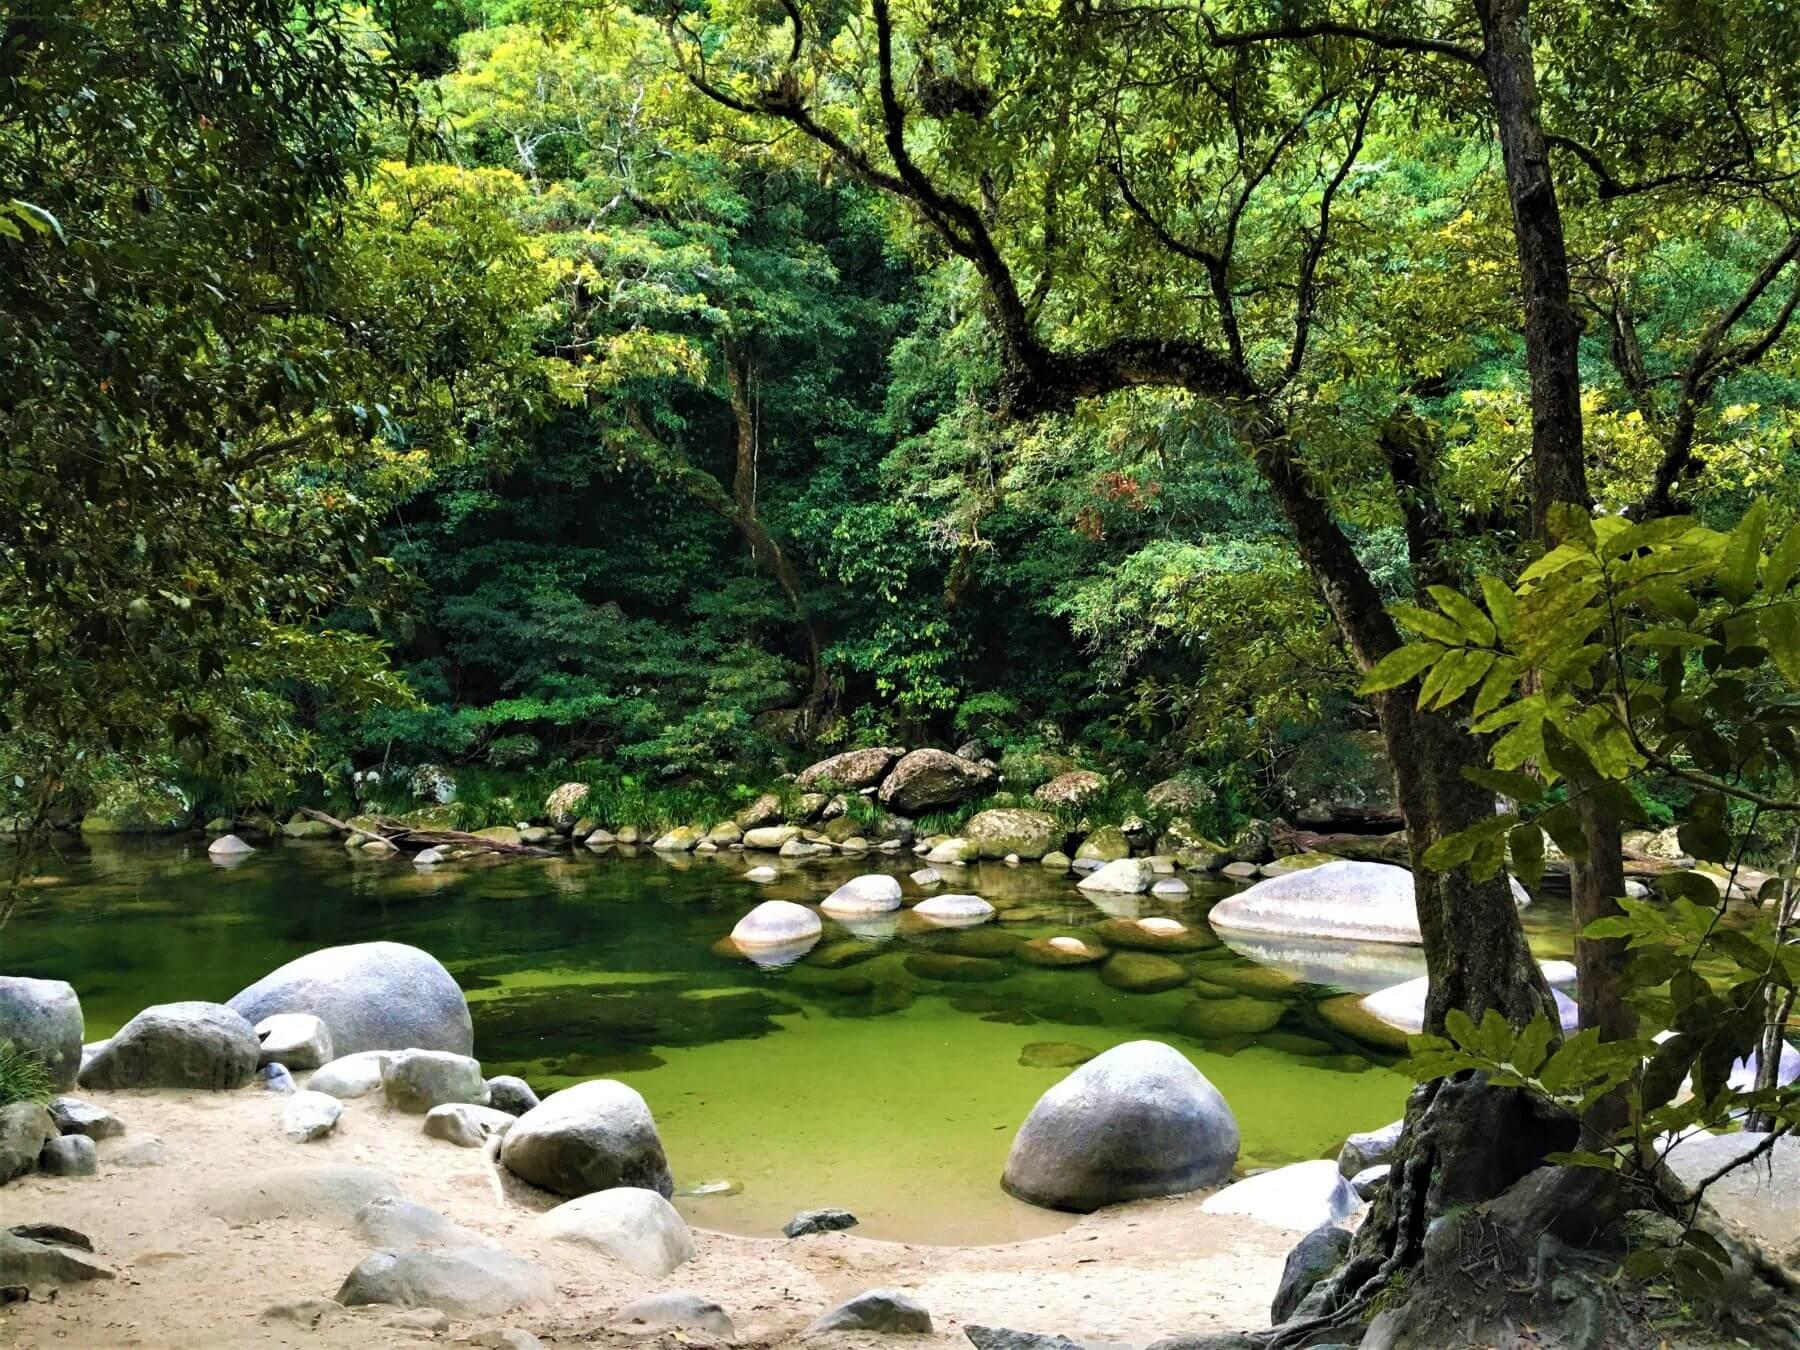 Daintree Regenwald in Australien - Mossman Gorge